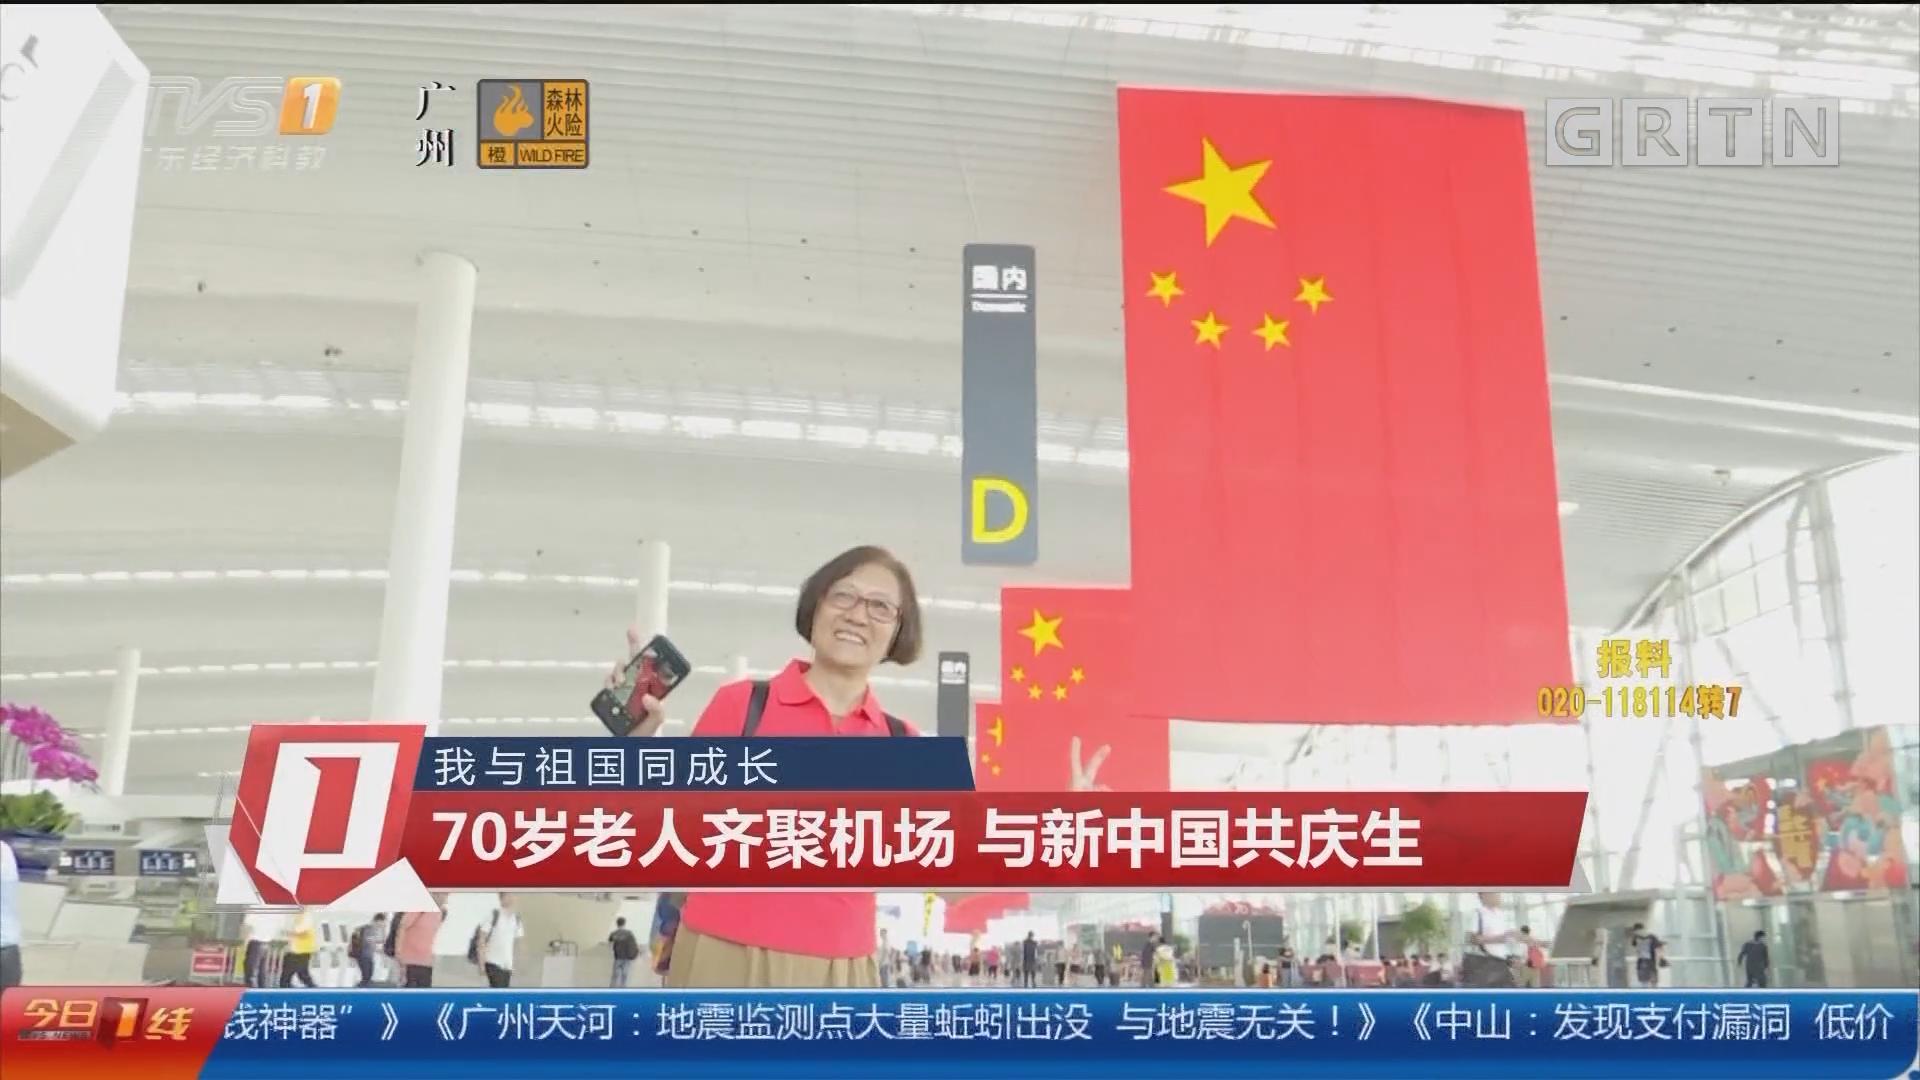 我与祖国同成长 70岁老人齐聚机场 与新中国共庆生